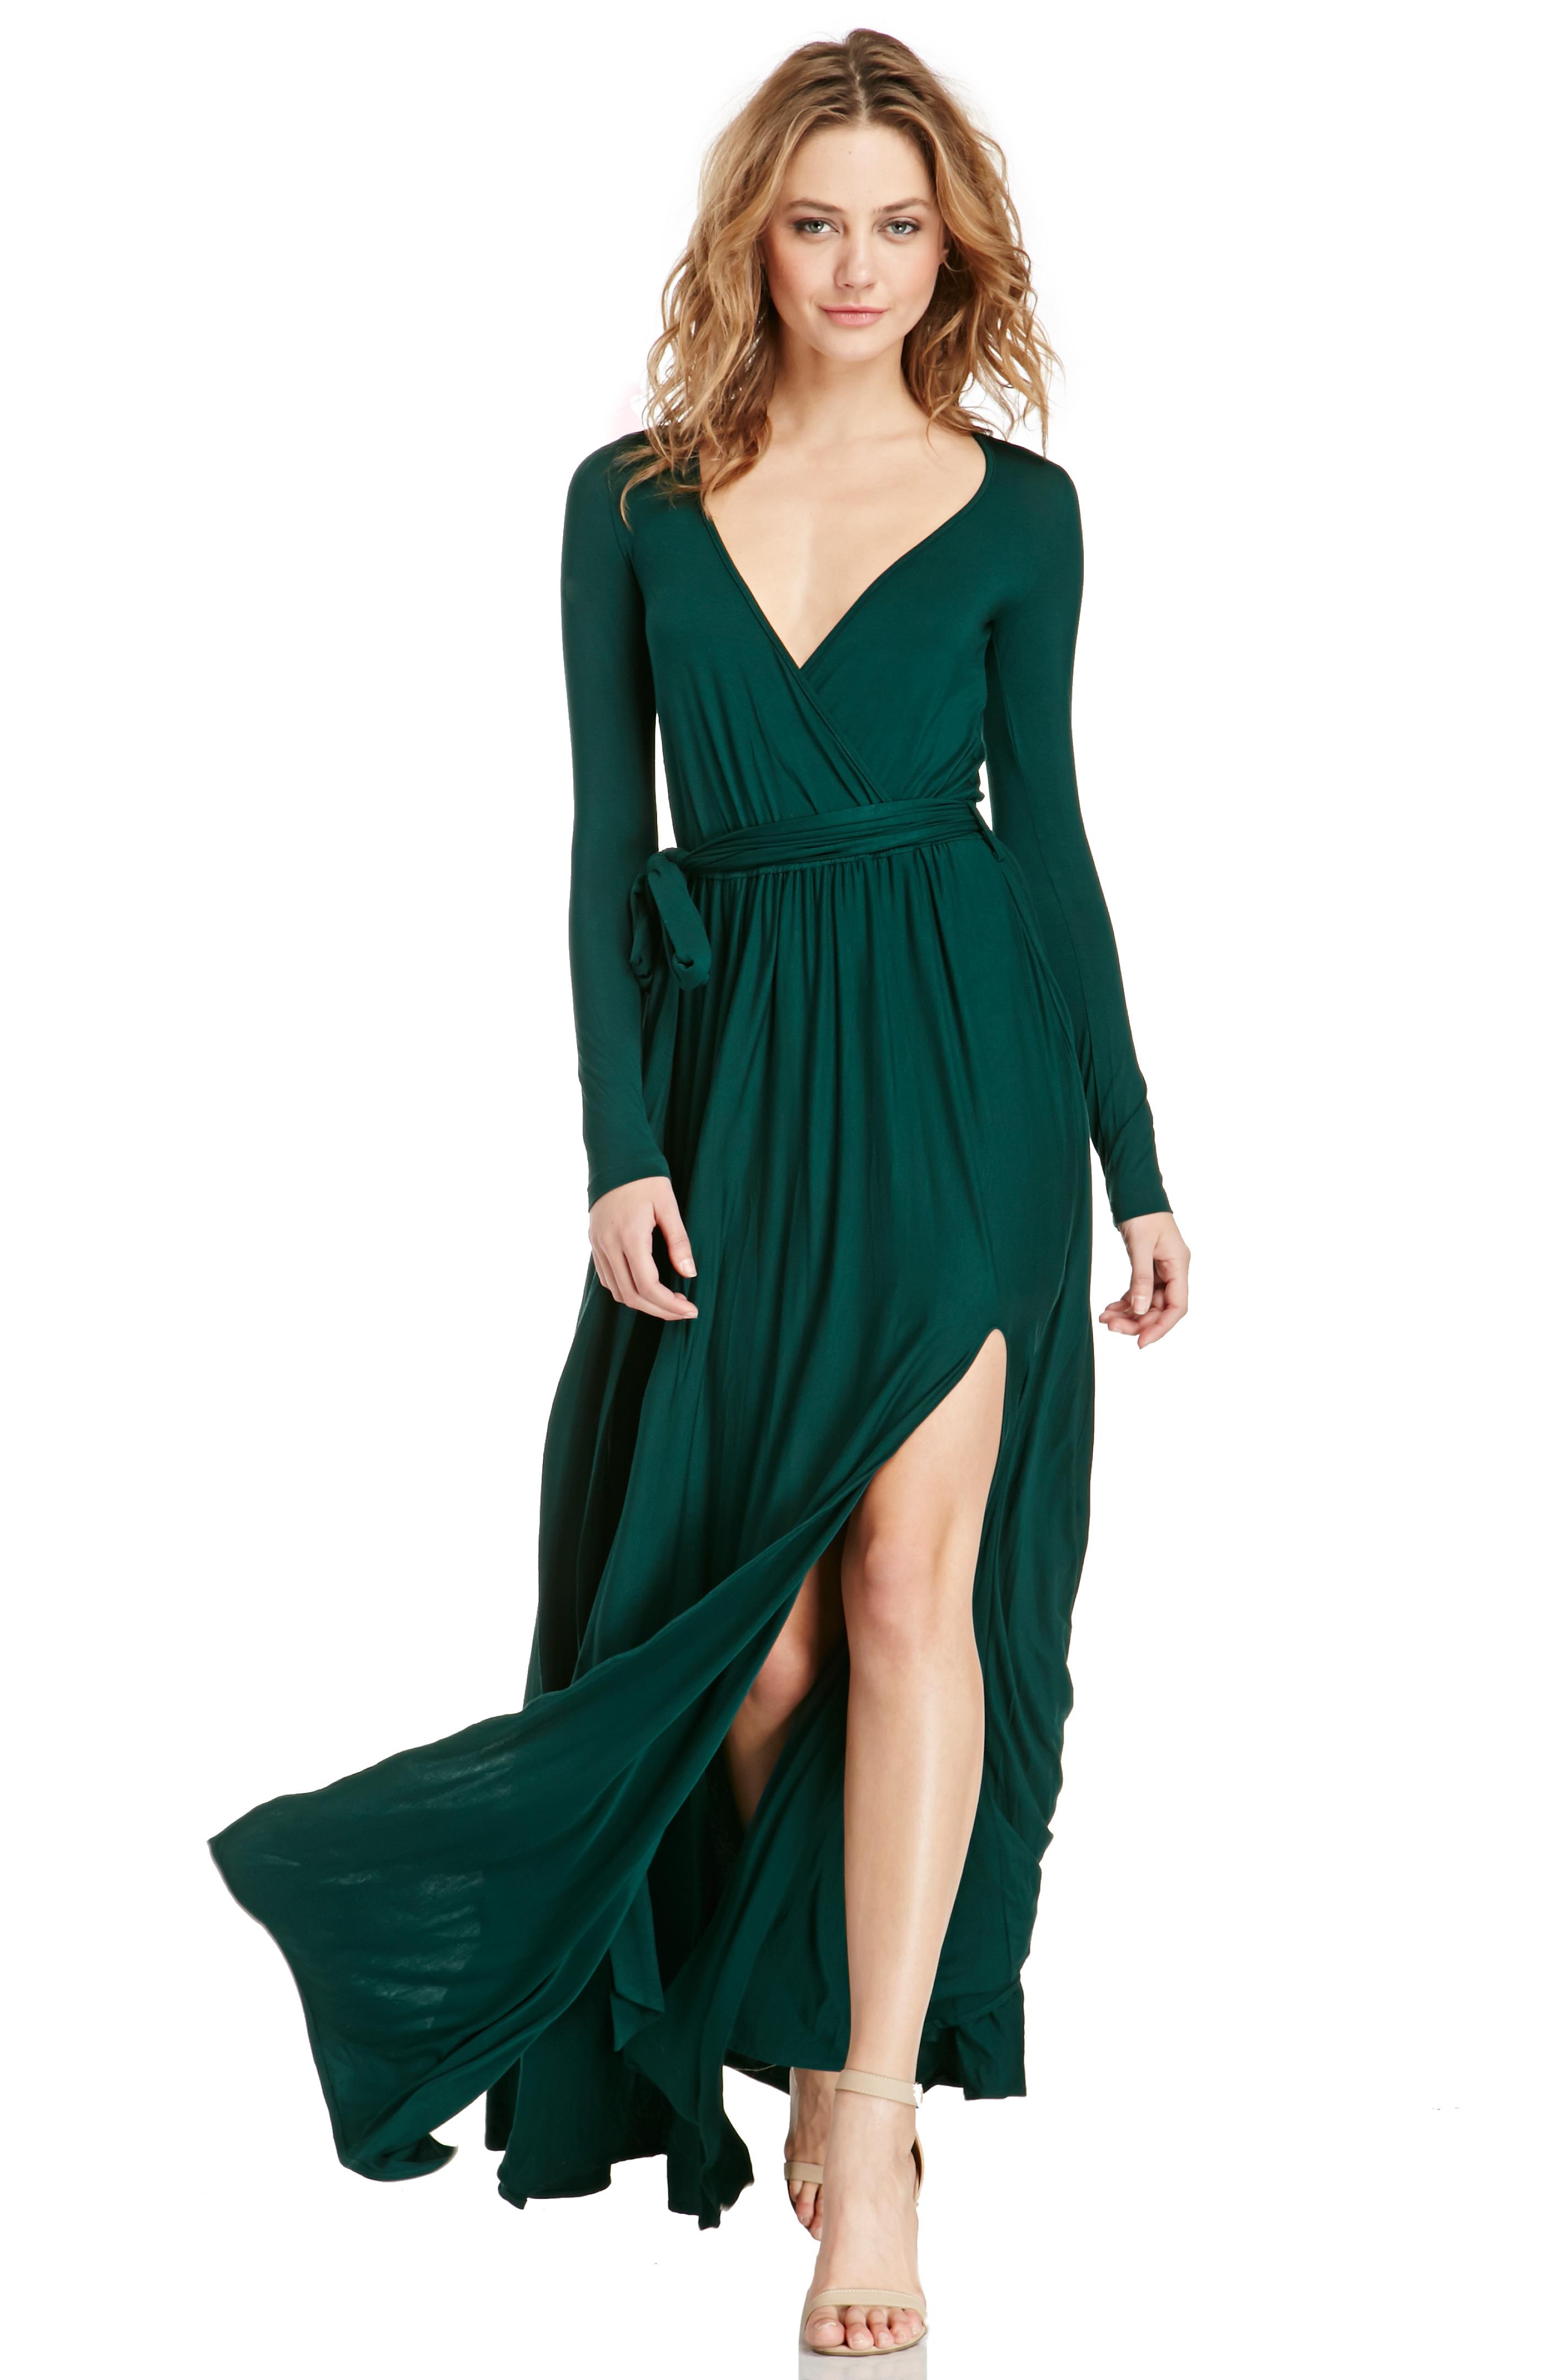 83f2781fe15f Vivian Jersey Knit Wrap Maxi Dress in Emerald | DAILYLOOK